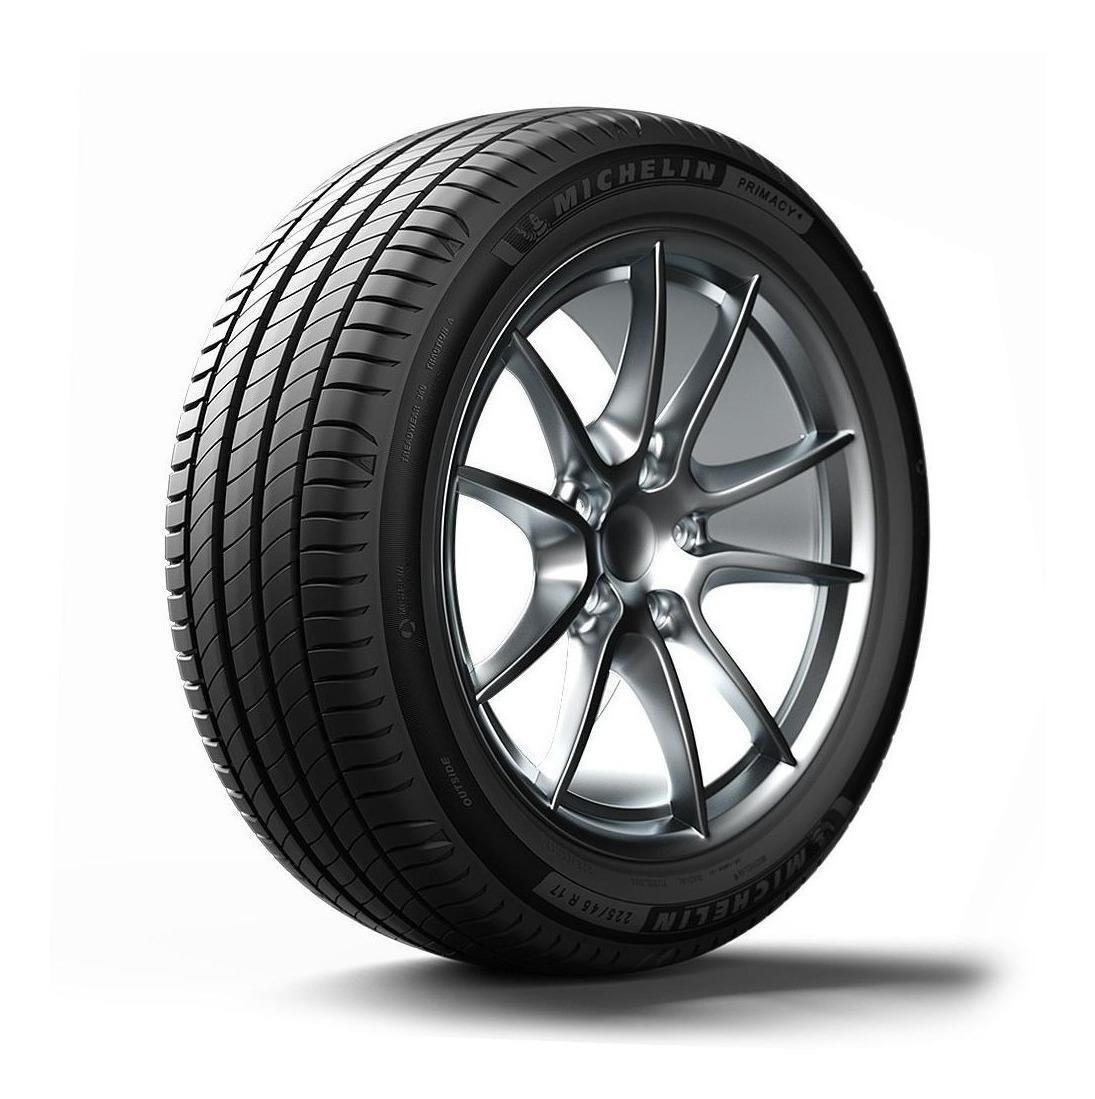 Kit 02 Pneus Michelin Aro 17 Primacy 4 225/45r17 94w Xl Tl